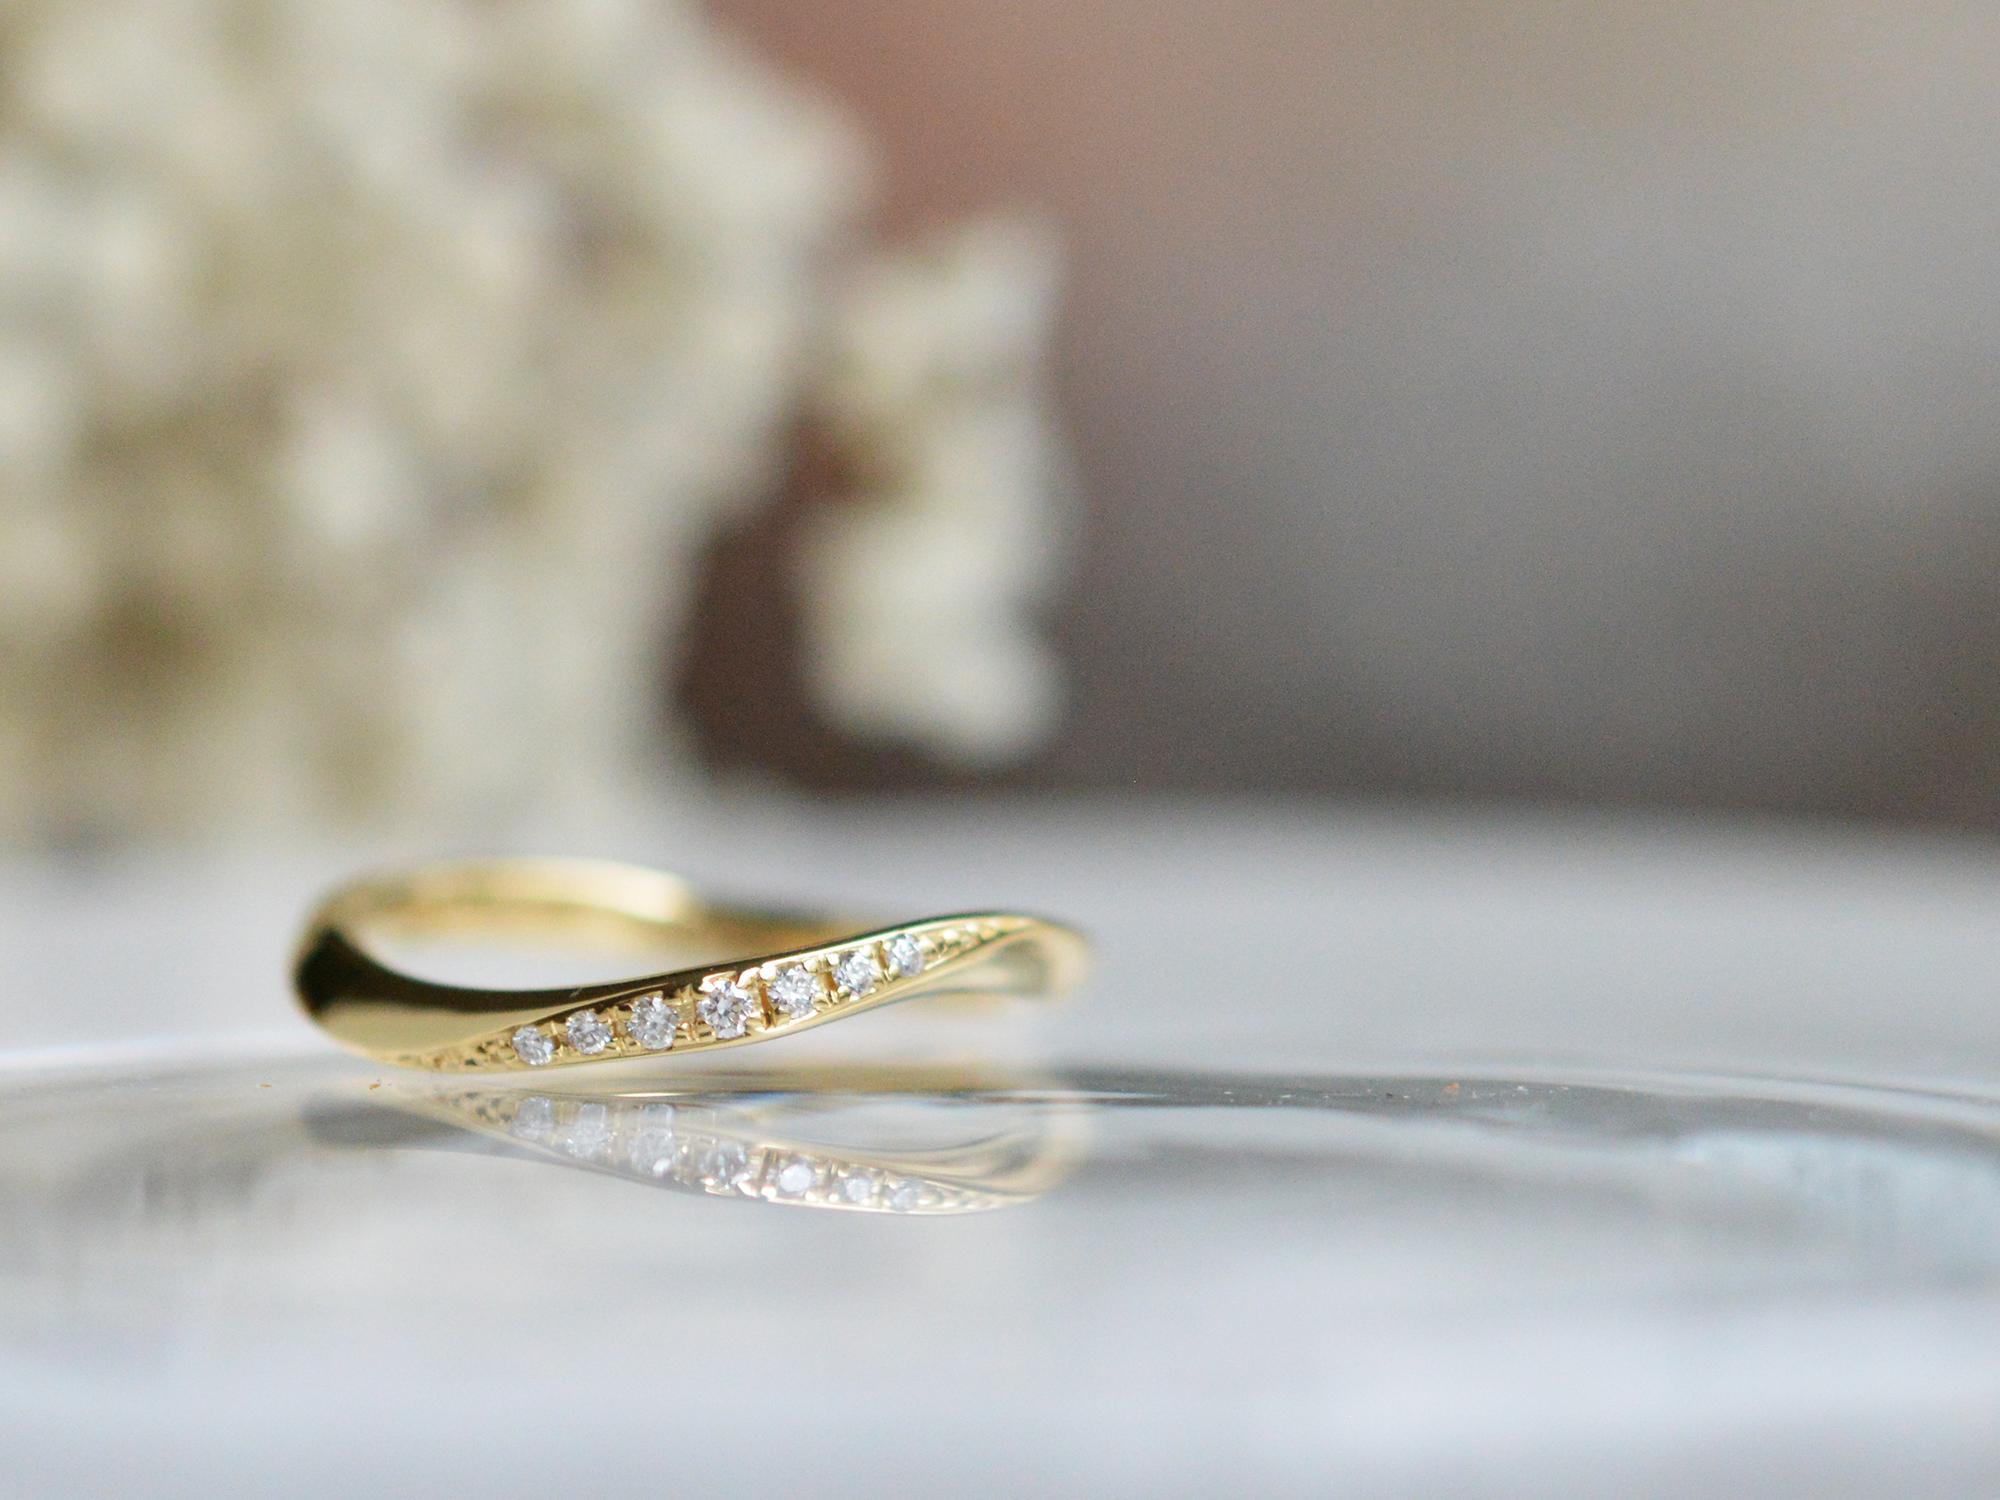 オーダーメイドコース 婚約指輪 K18イエローゴールド ダイヤモンド